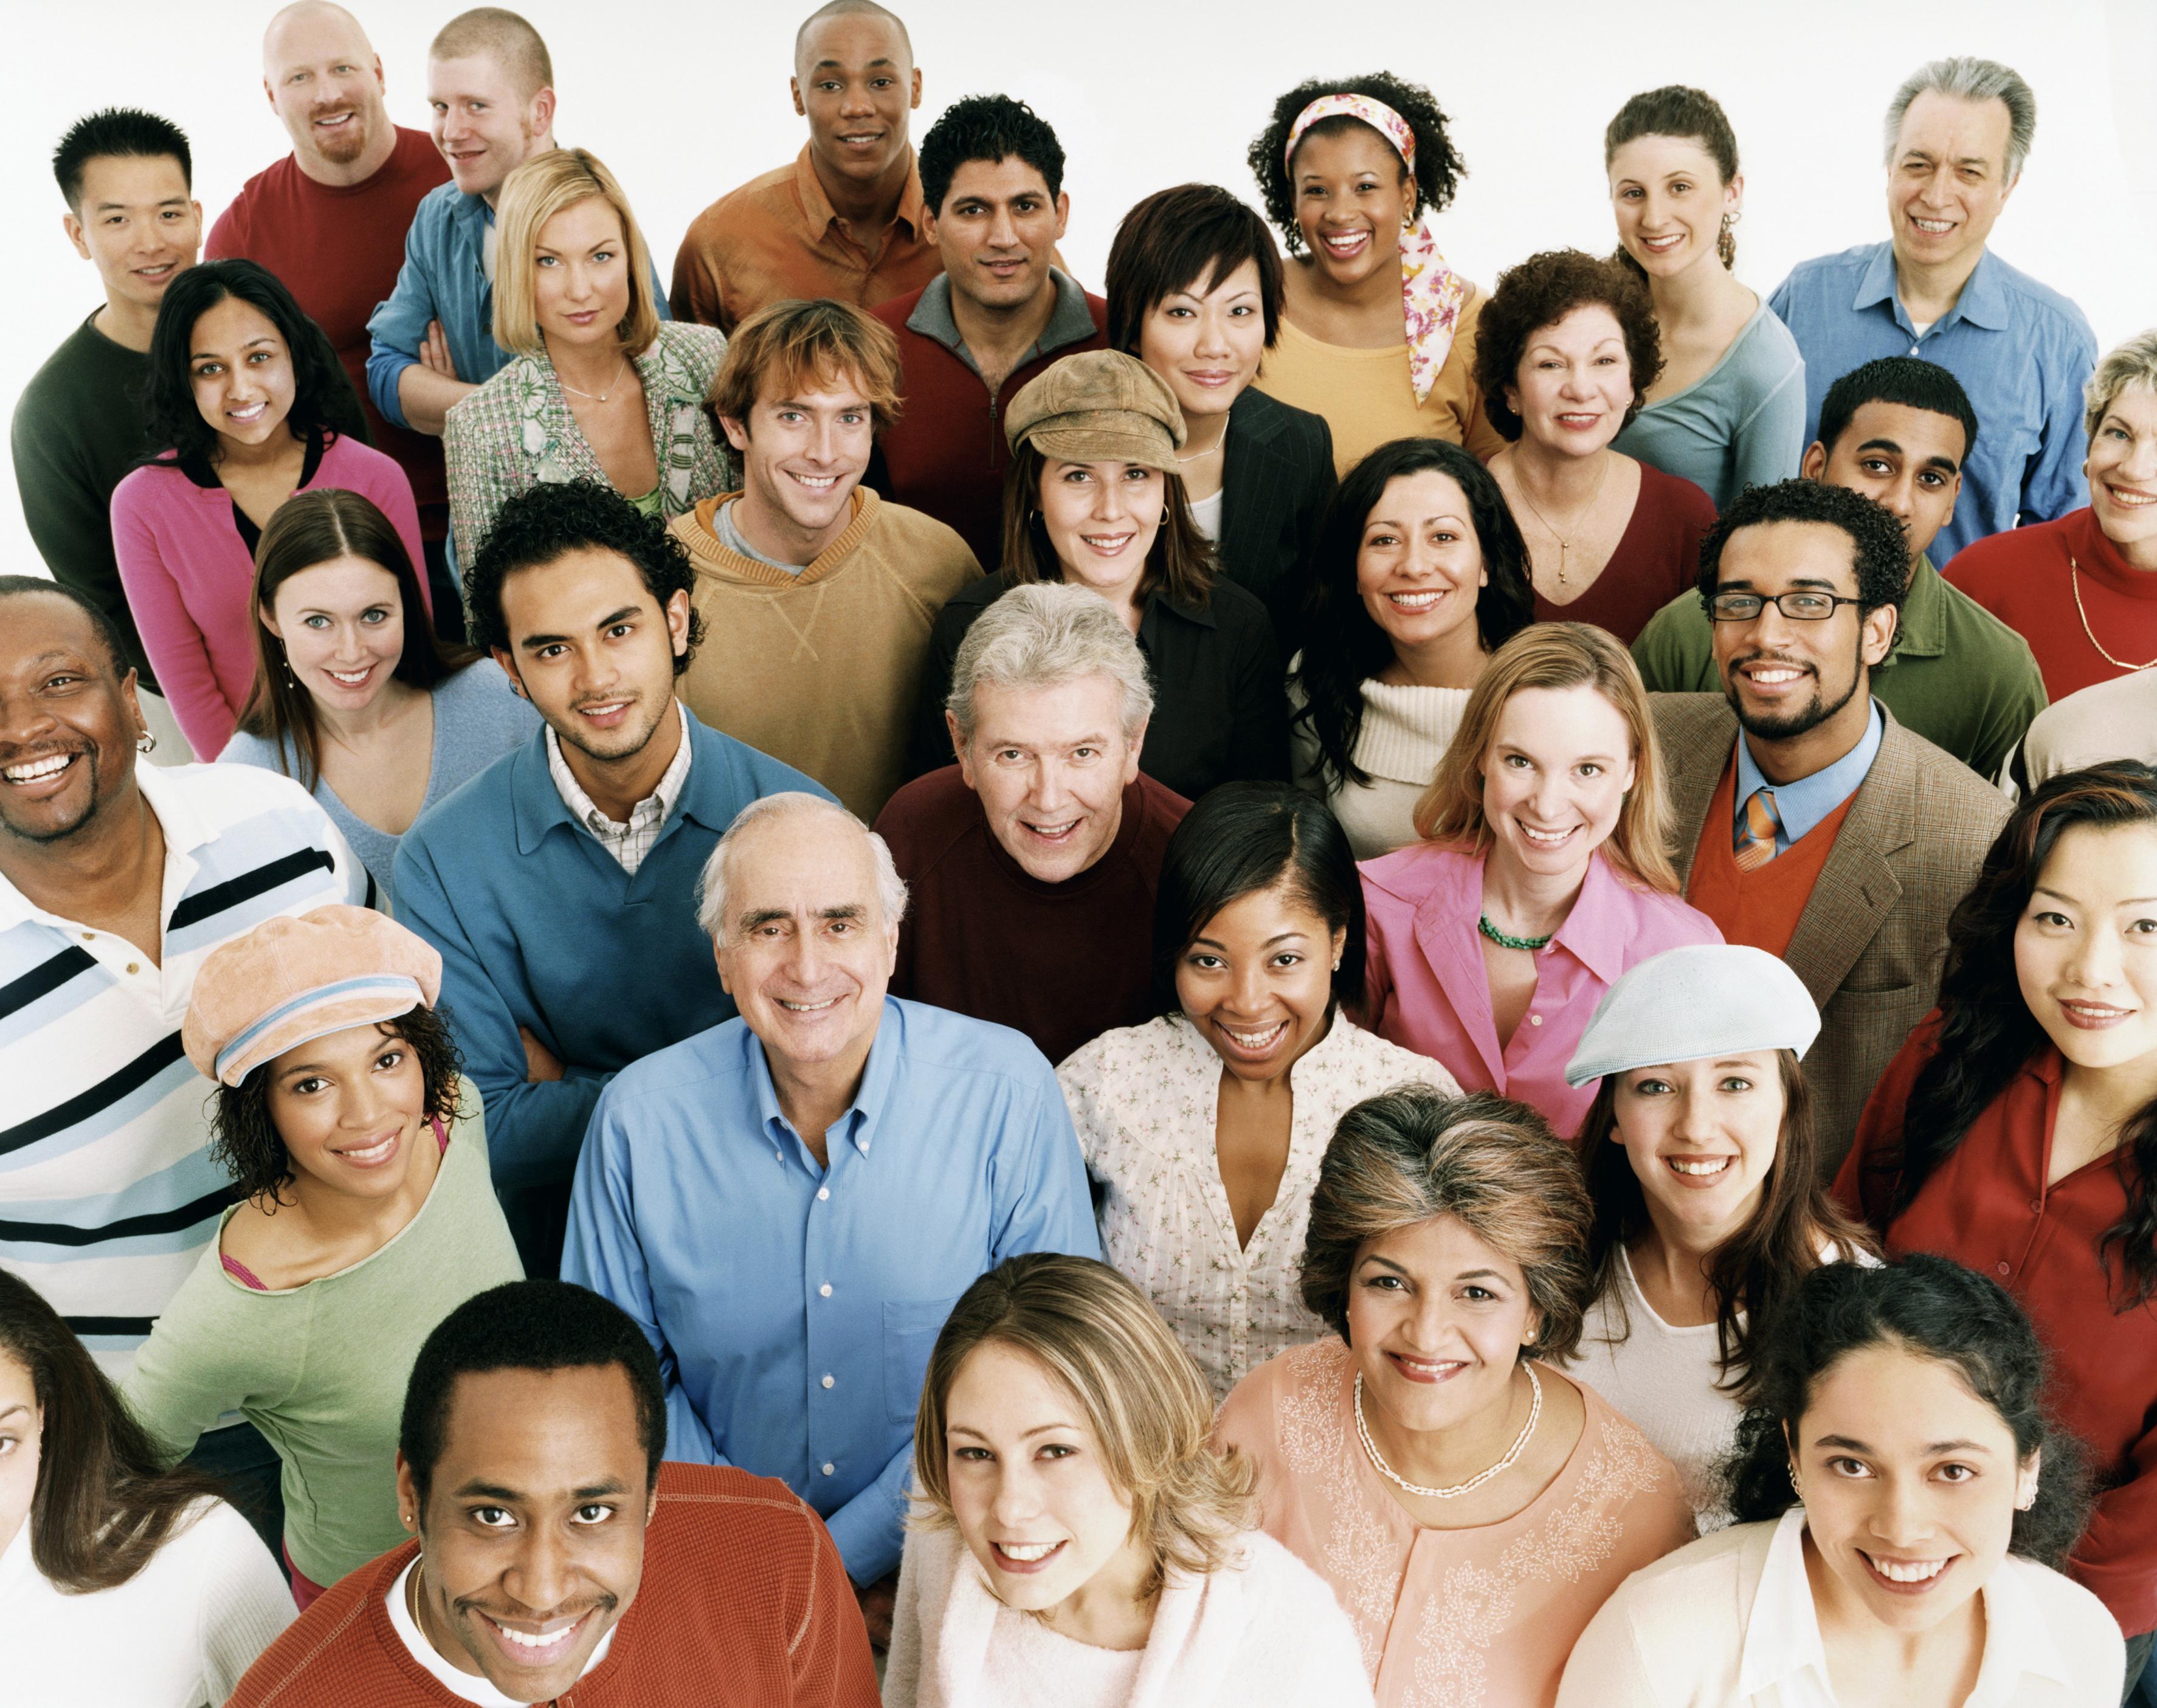 Diversity essay med school